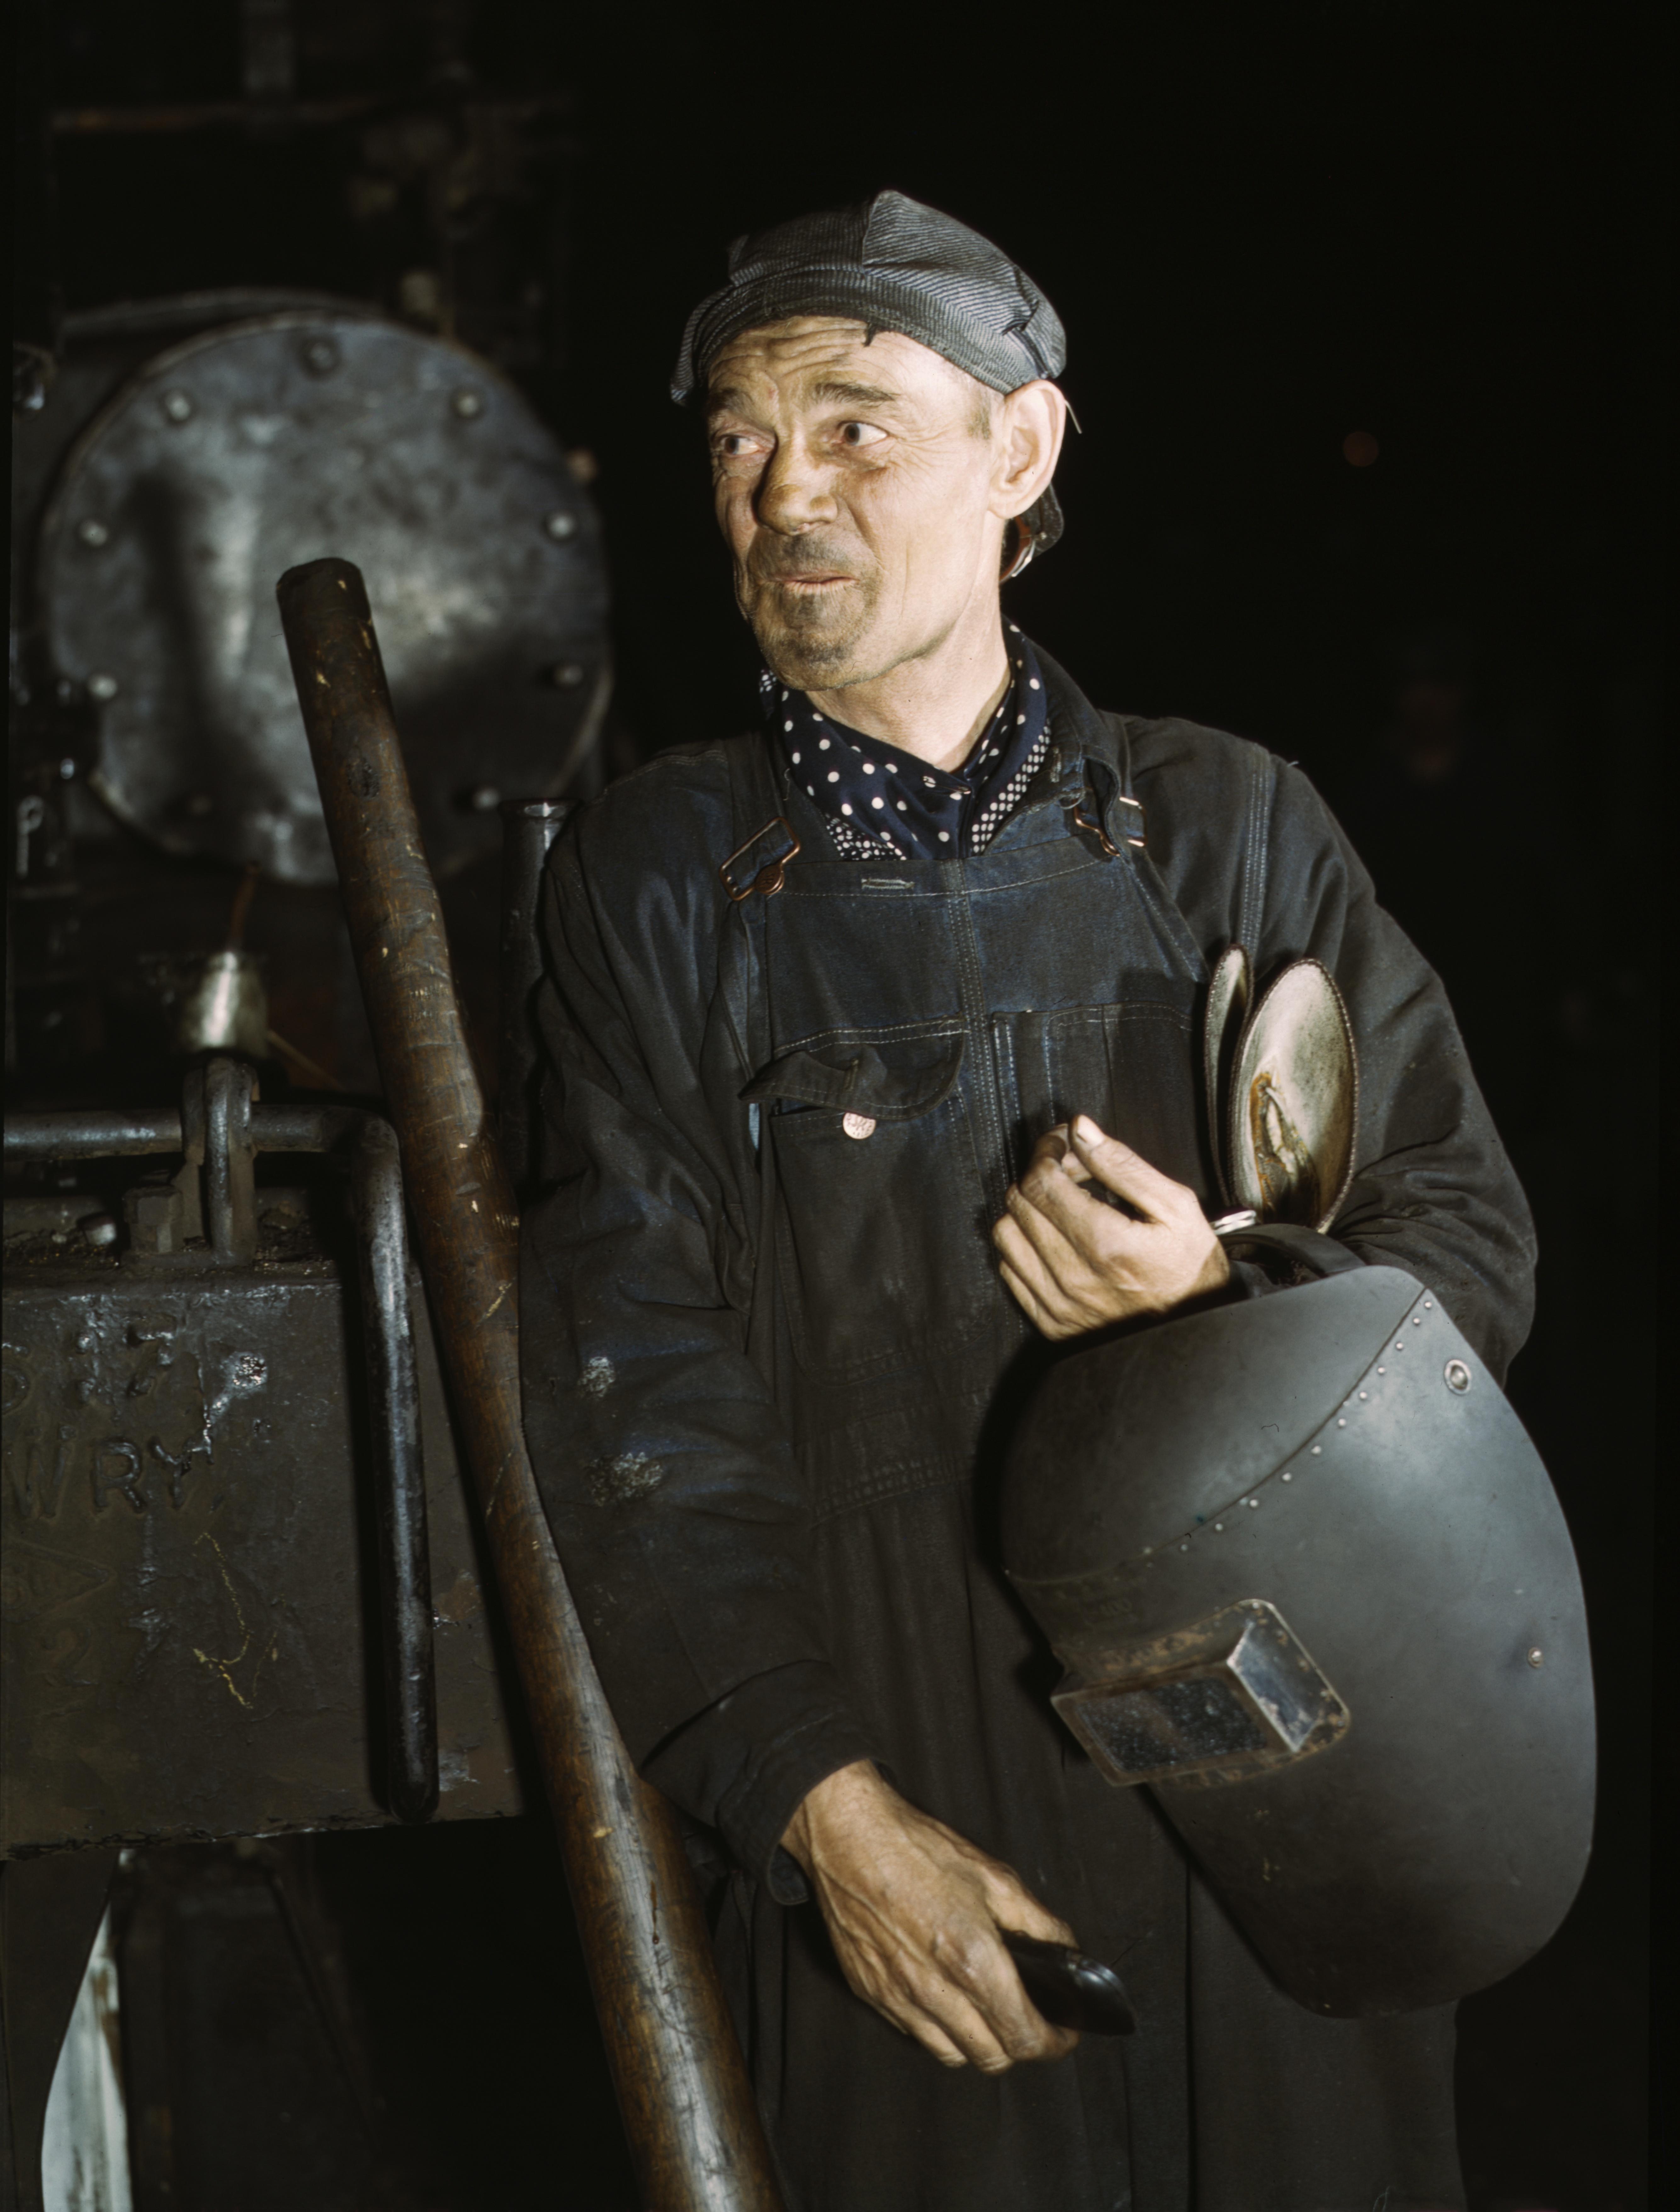 filejack delano welder at the c amp nw rr locomotive